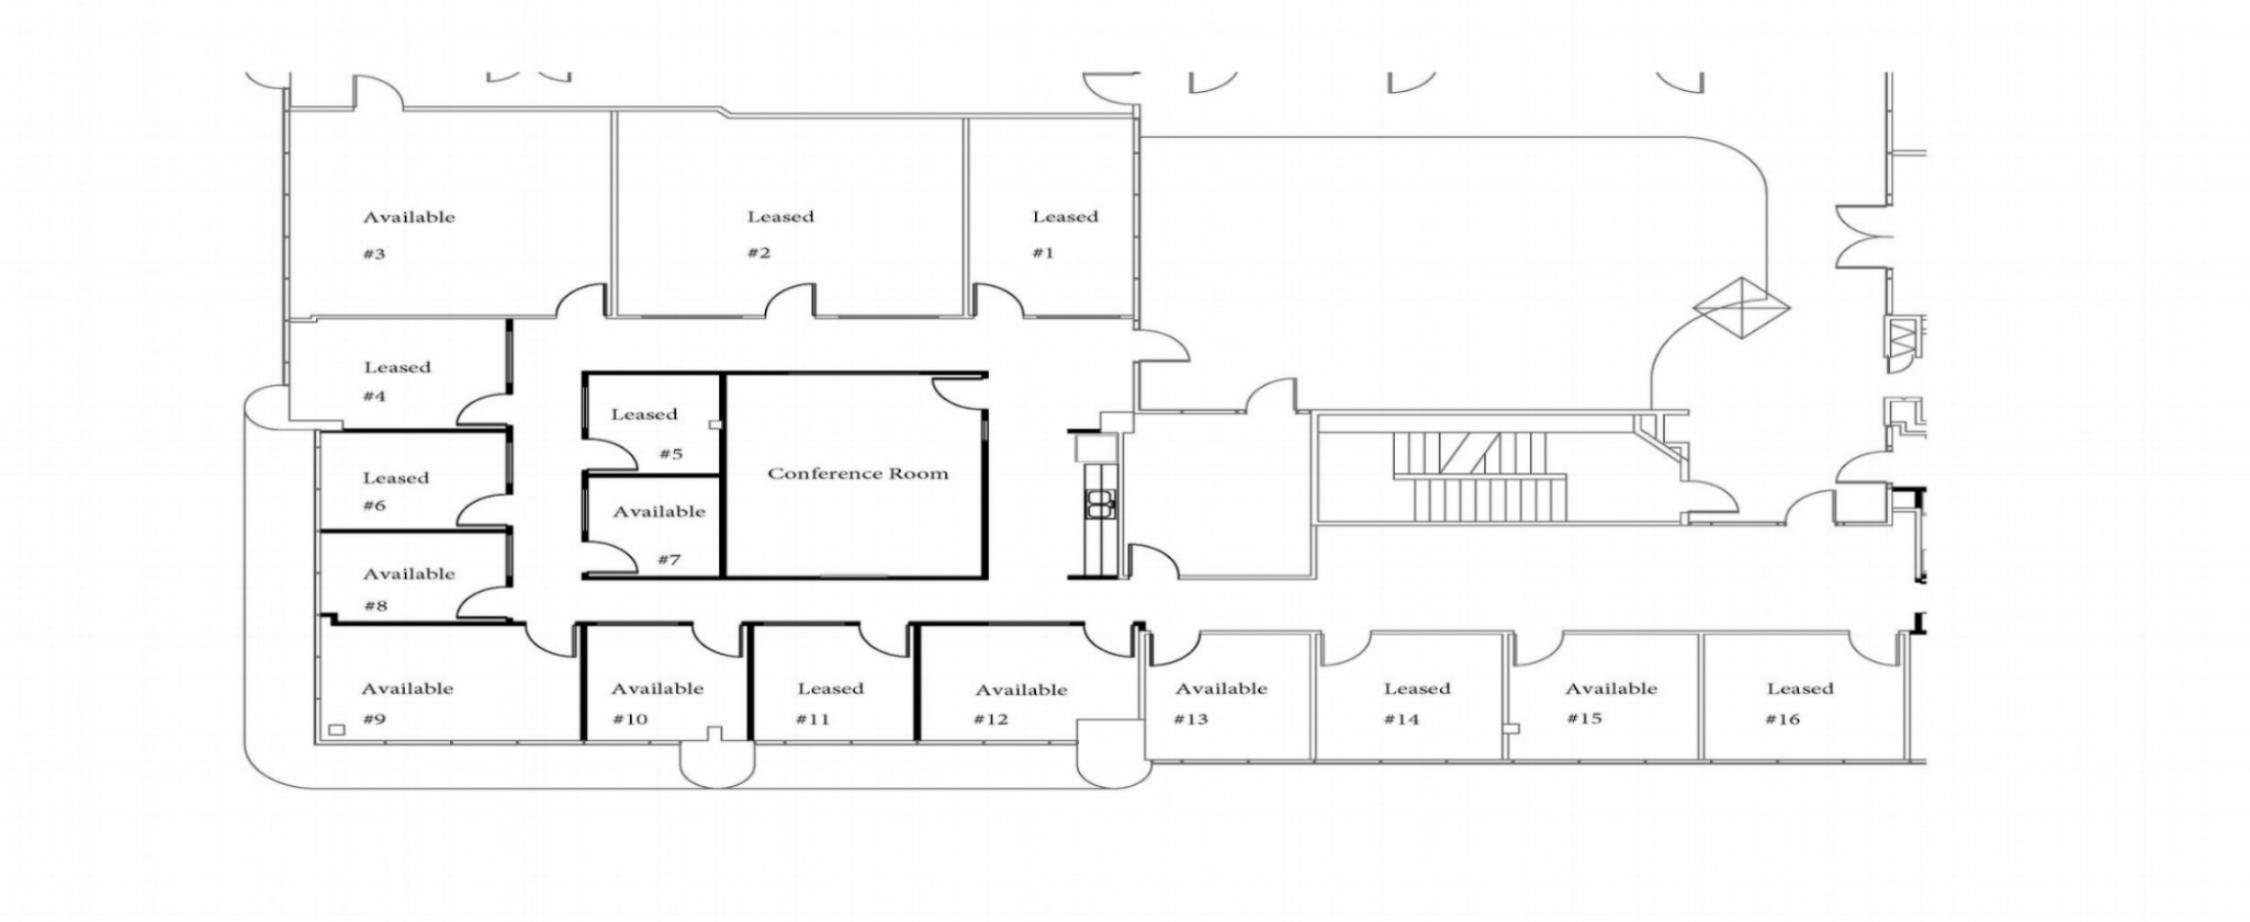 Suite 220 for website image.jpg